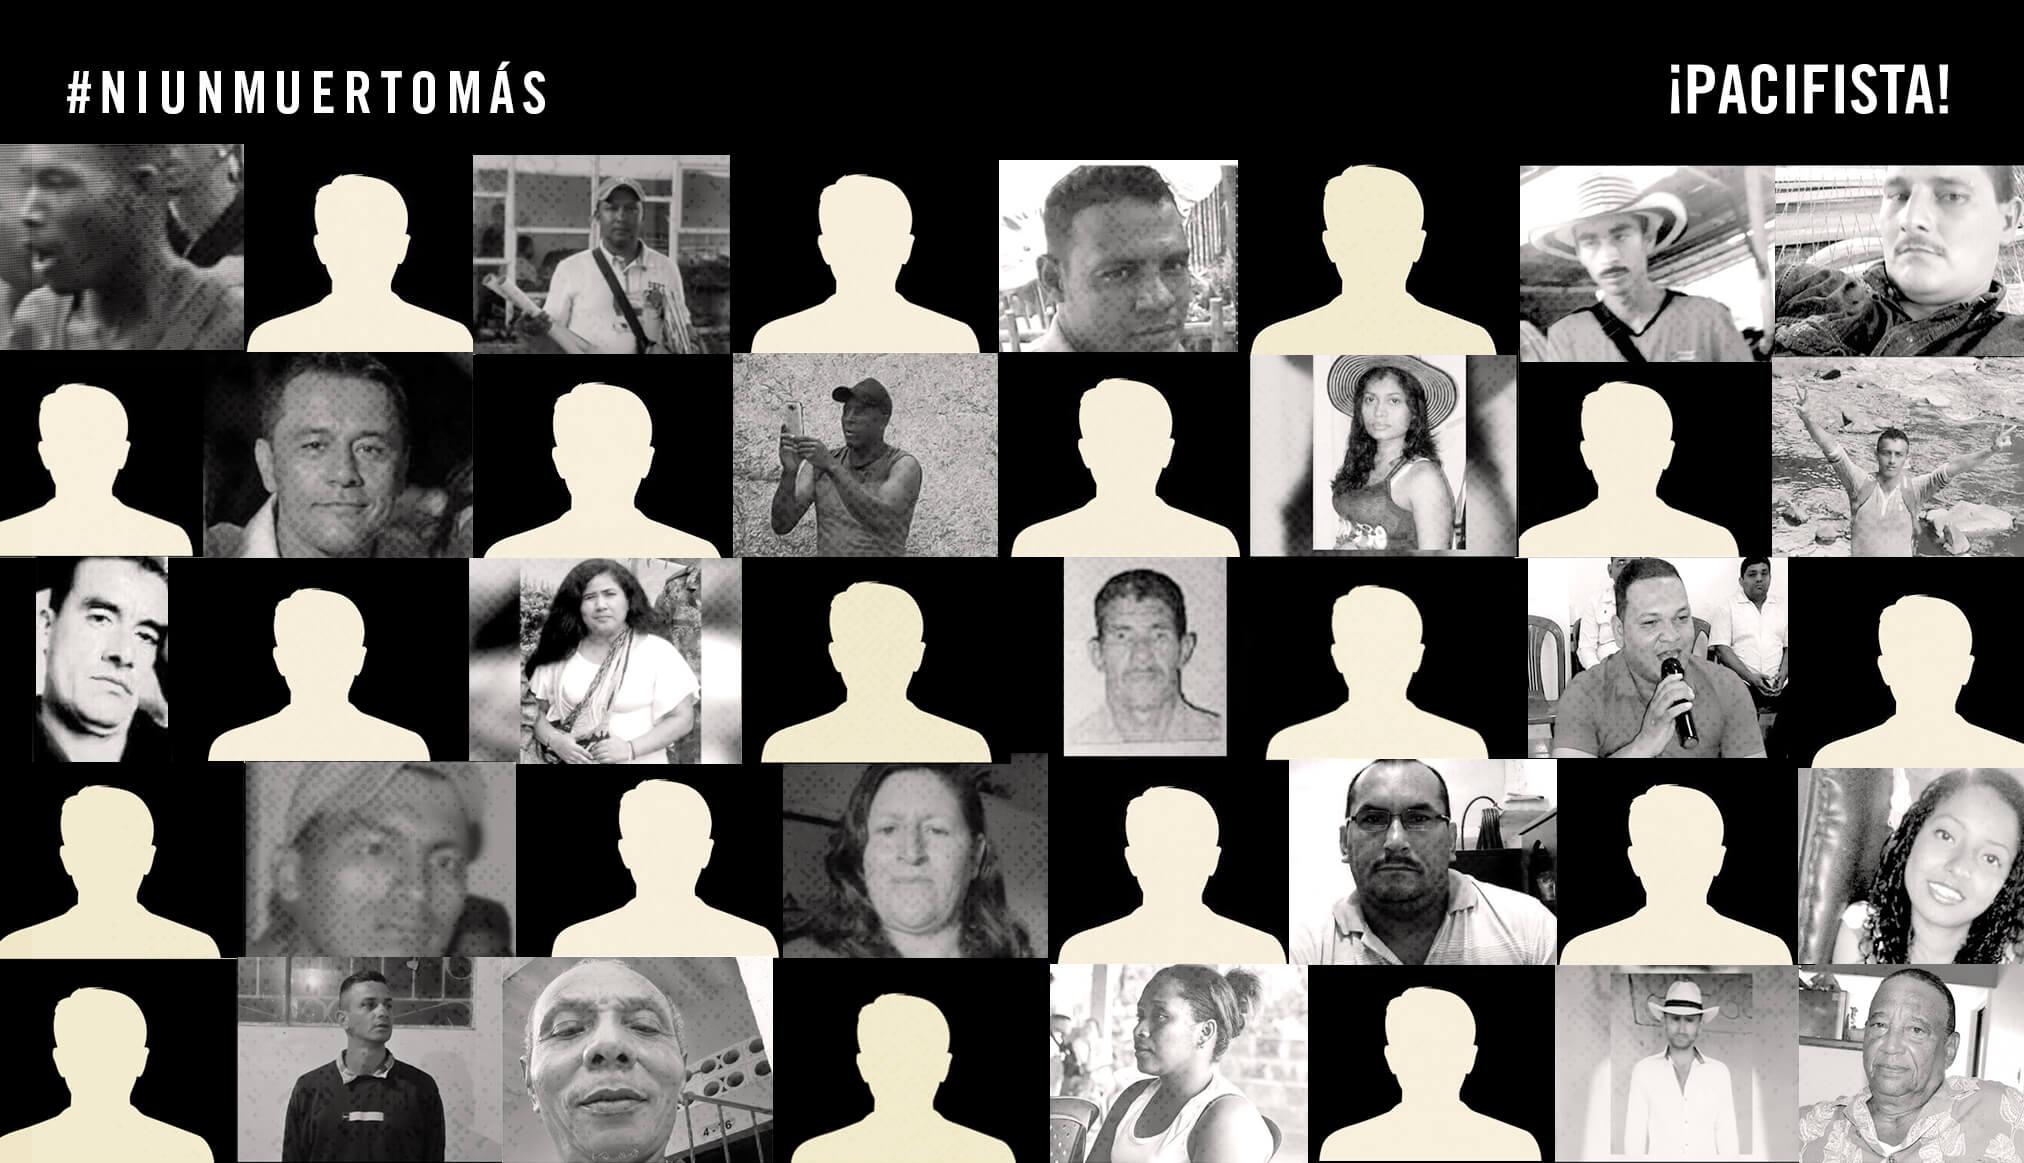 Editorial: La indiferencia mata: ya van 40 líderes asesinados en Colombia